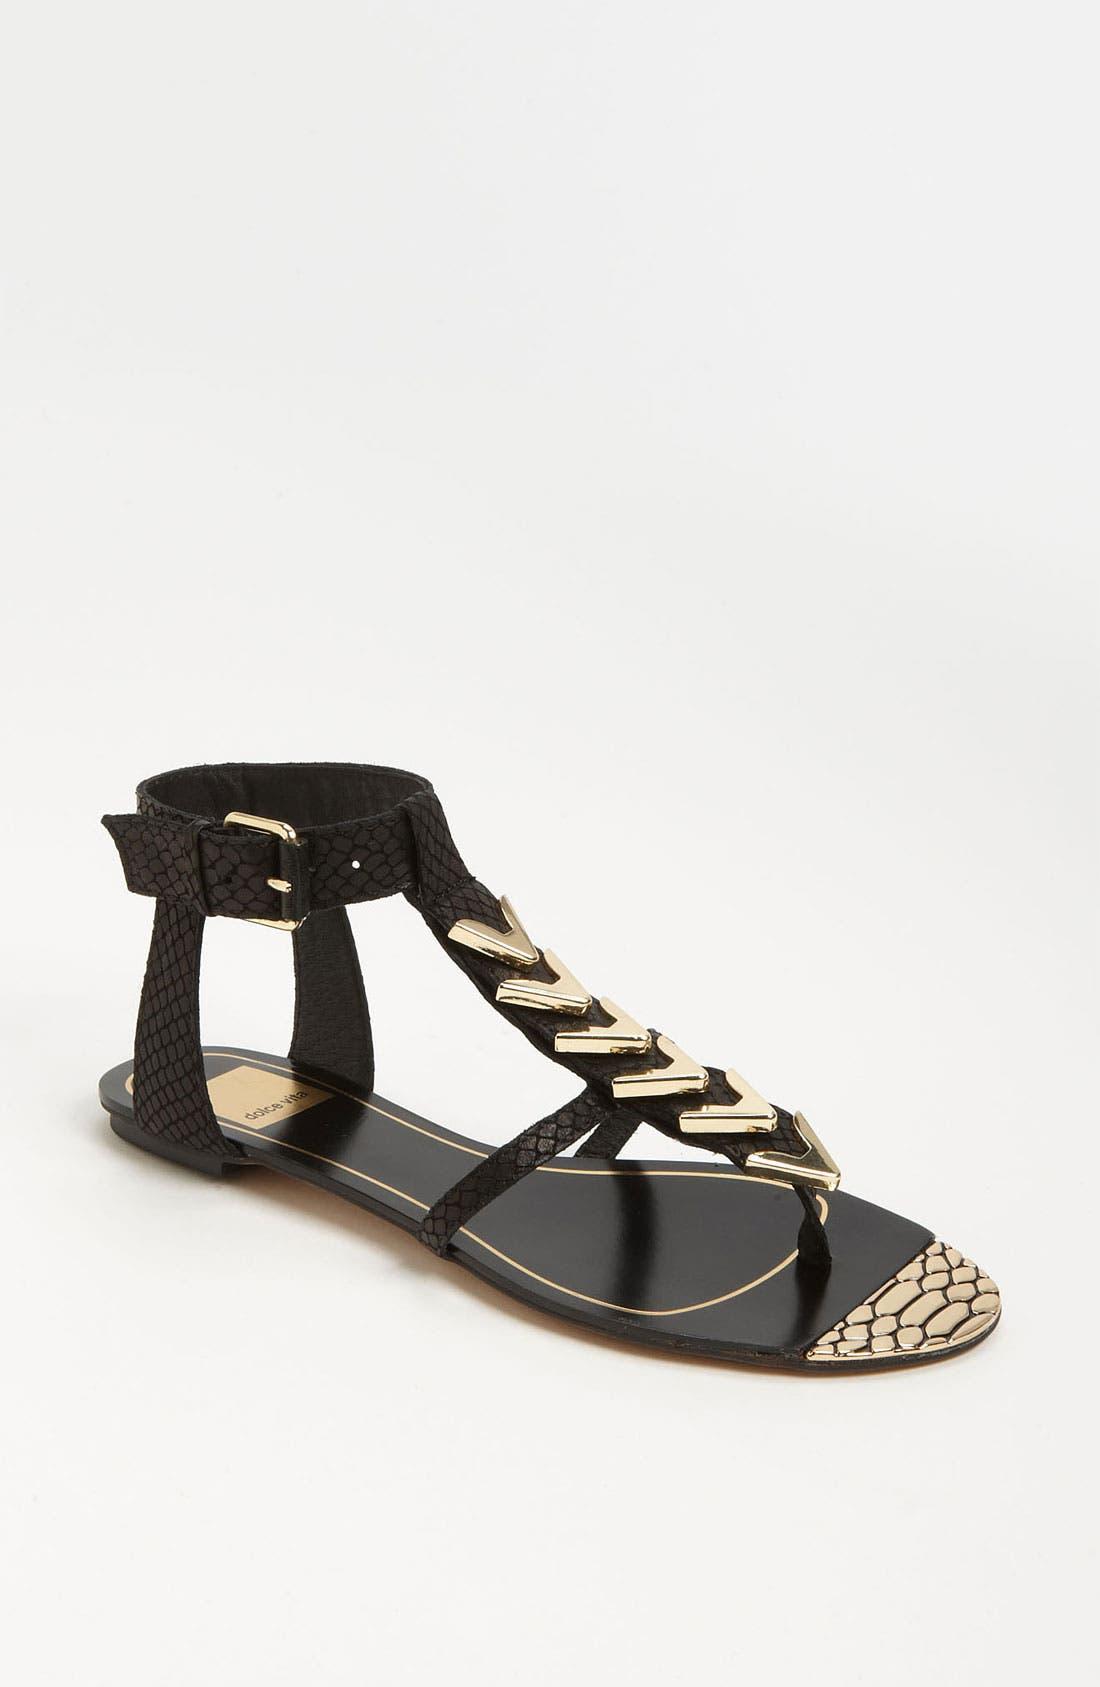 Alternate Image 1 Selected - Dolce Vita 'Izara' Sandal